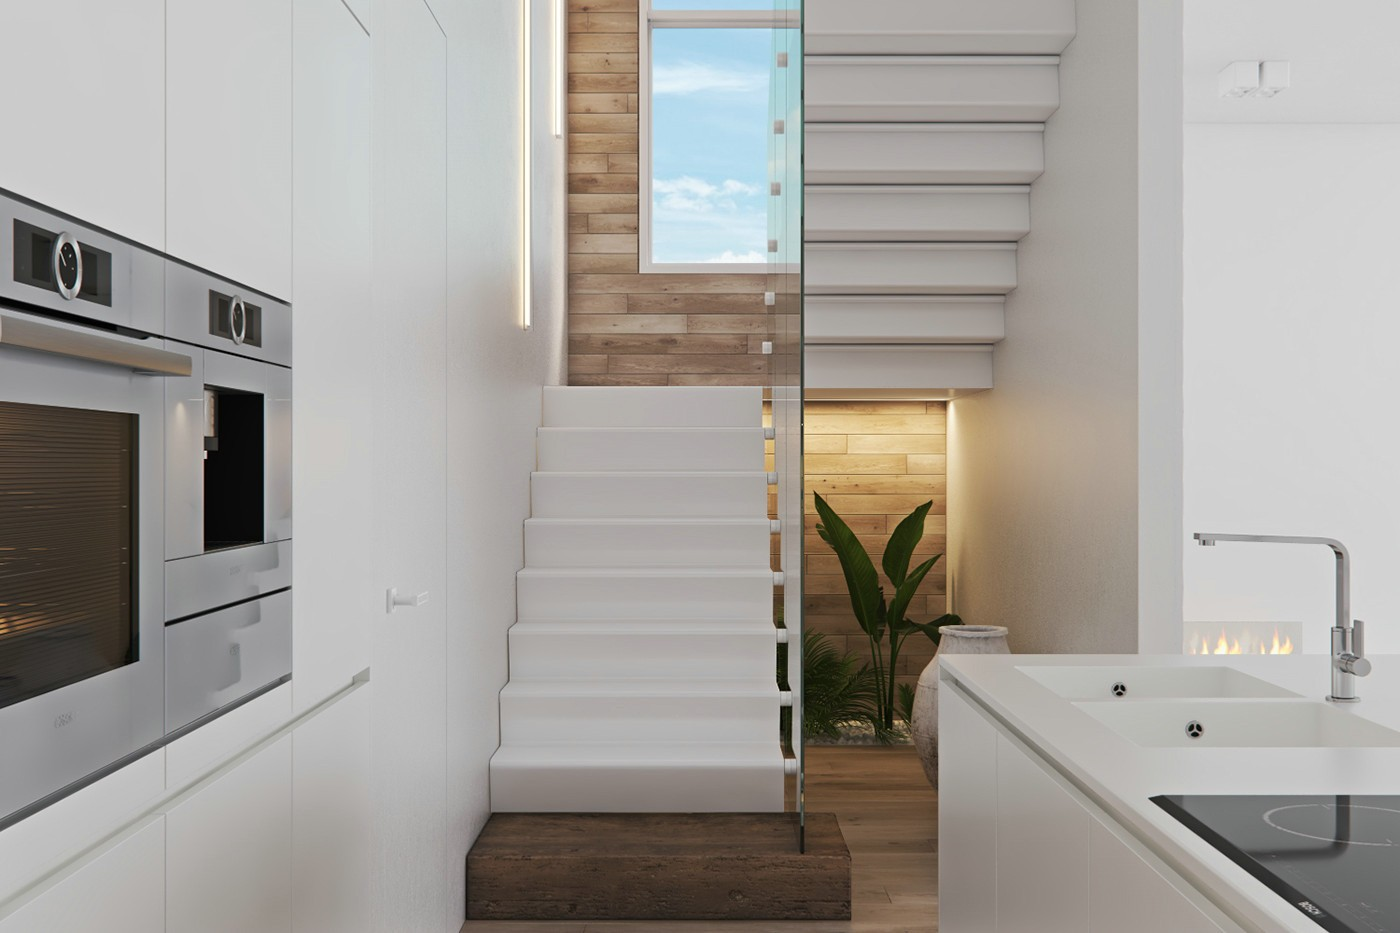 2021北欧客厅装修设计 2021北欧楼梯装修设计